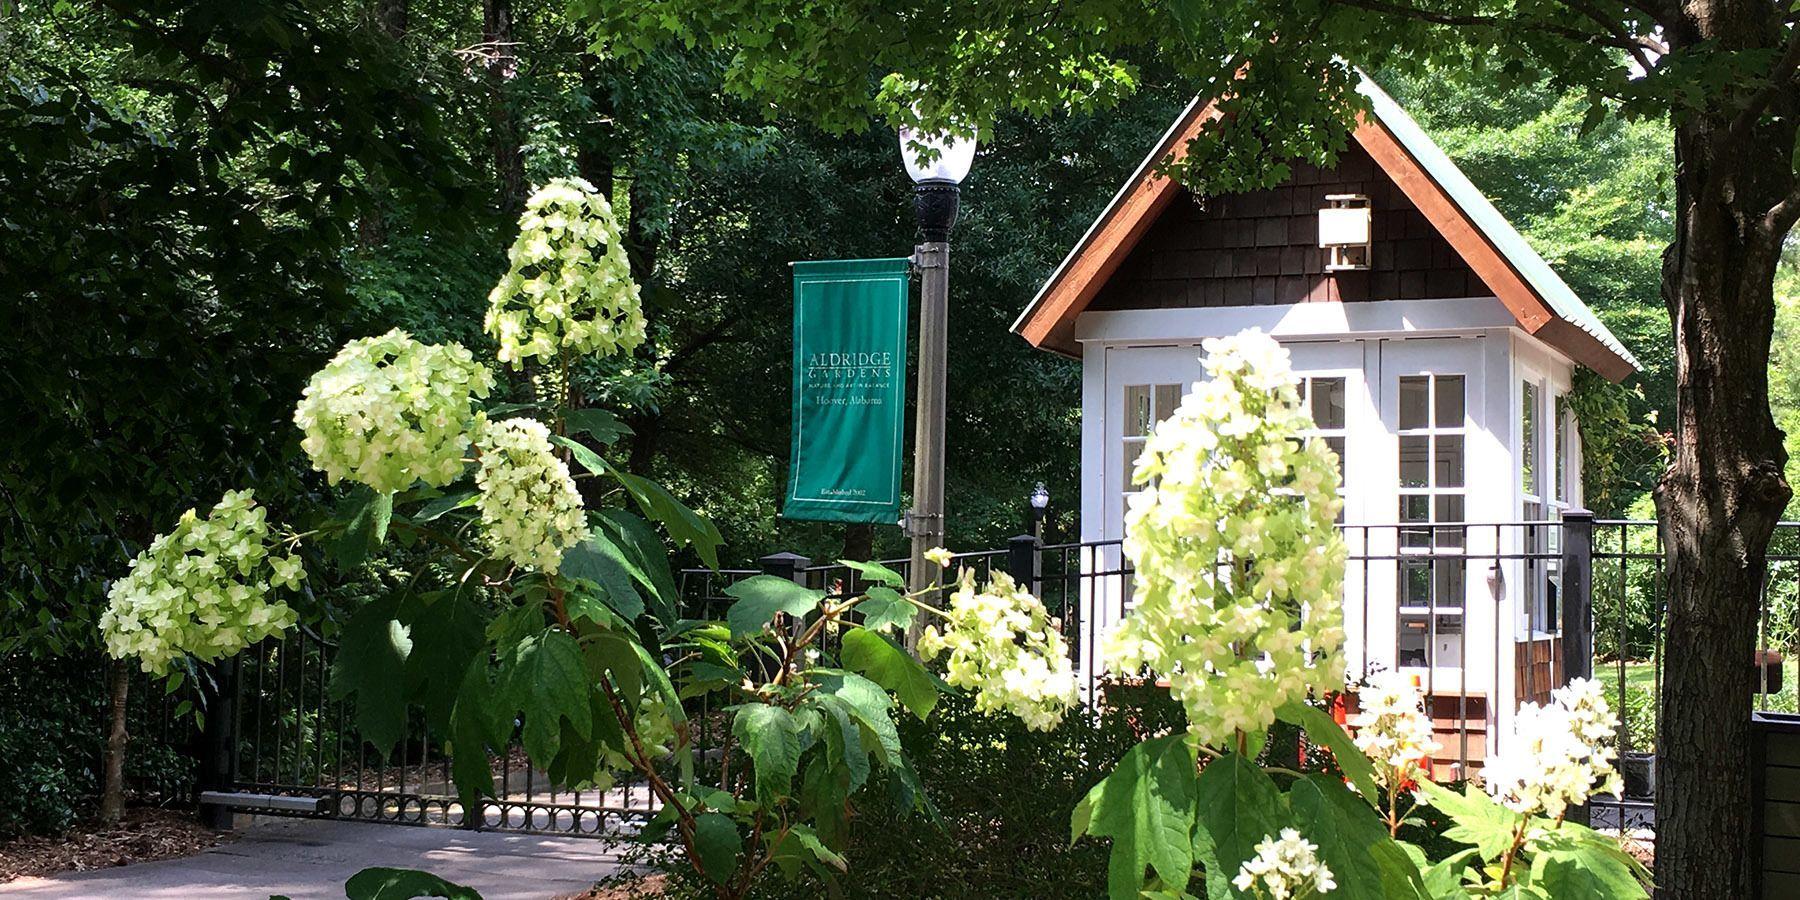 Prom Photos at Aldridge Gardens